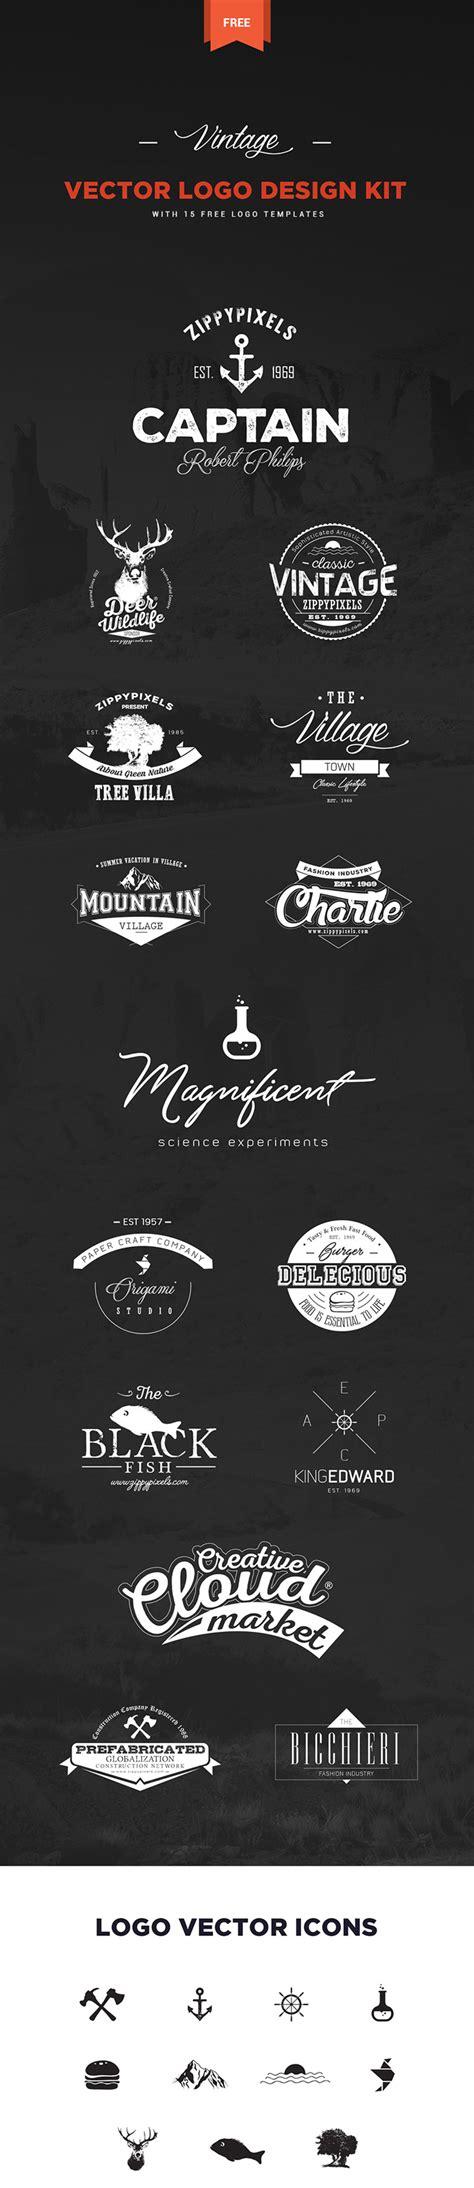 free logo design kit ミニマルデザインに便利な無料ロゴテンプレート